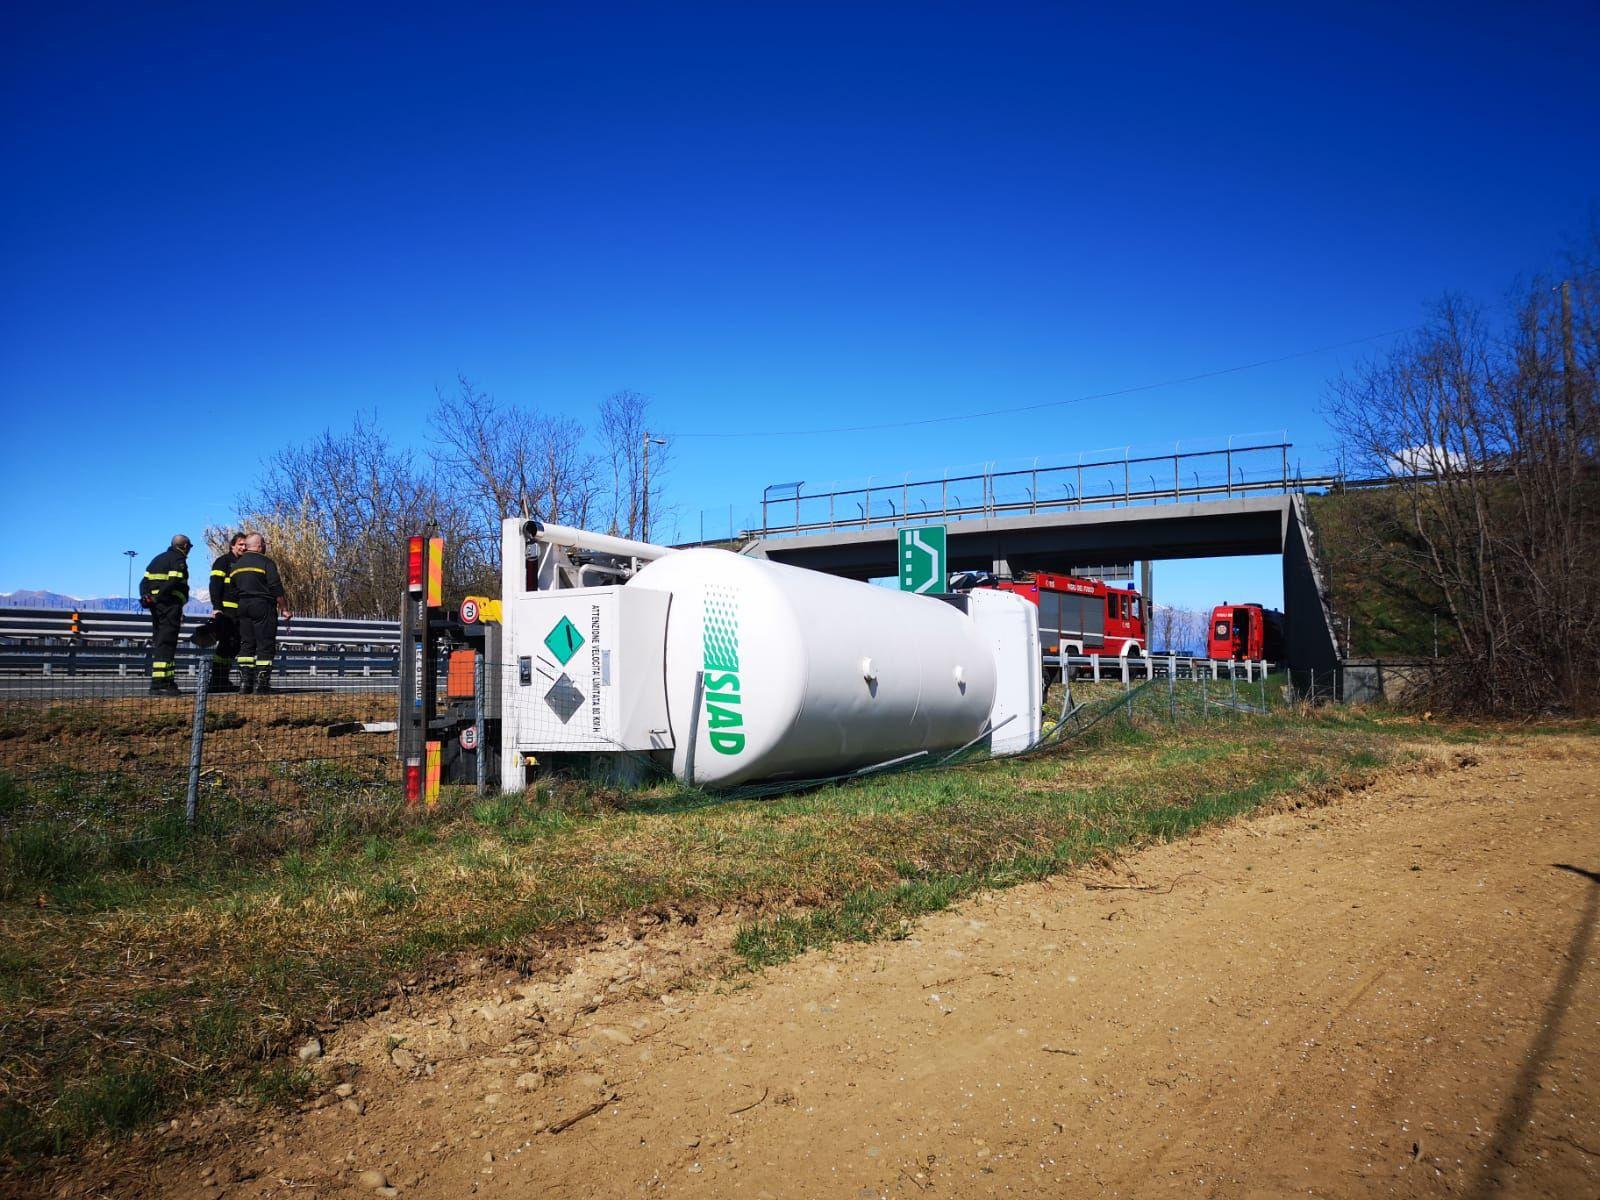 AUTOSTRADA TORINO-AOSTA - Cisterna piena di azoto liquido si ribalta subito dopo lo svincolo di Volpiano - FOTO